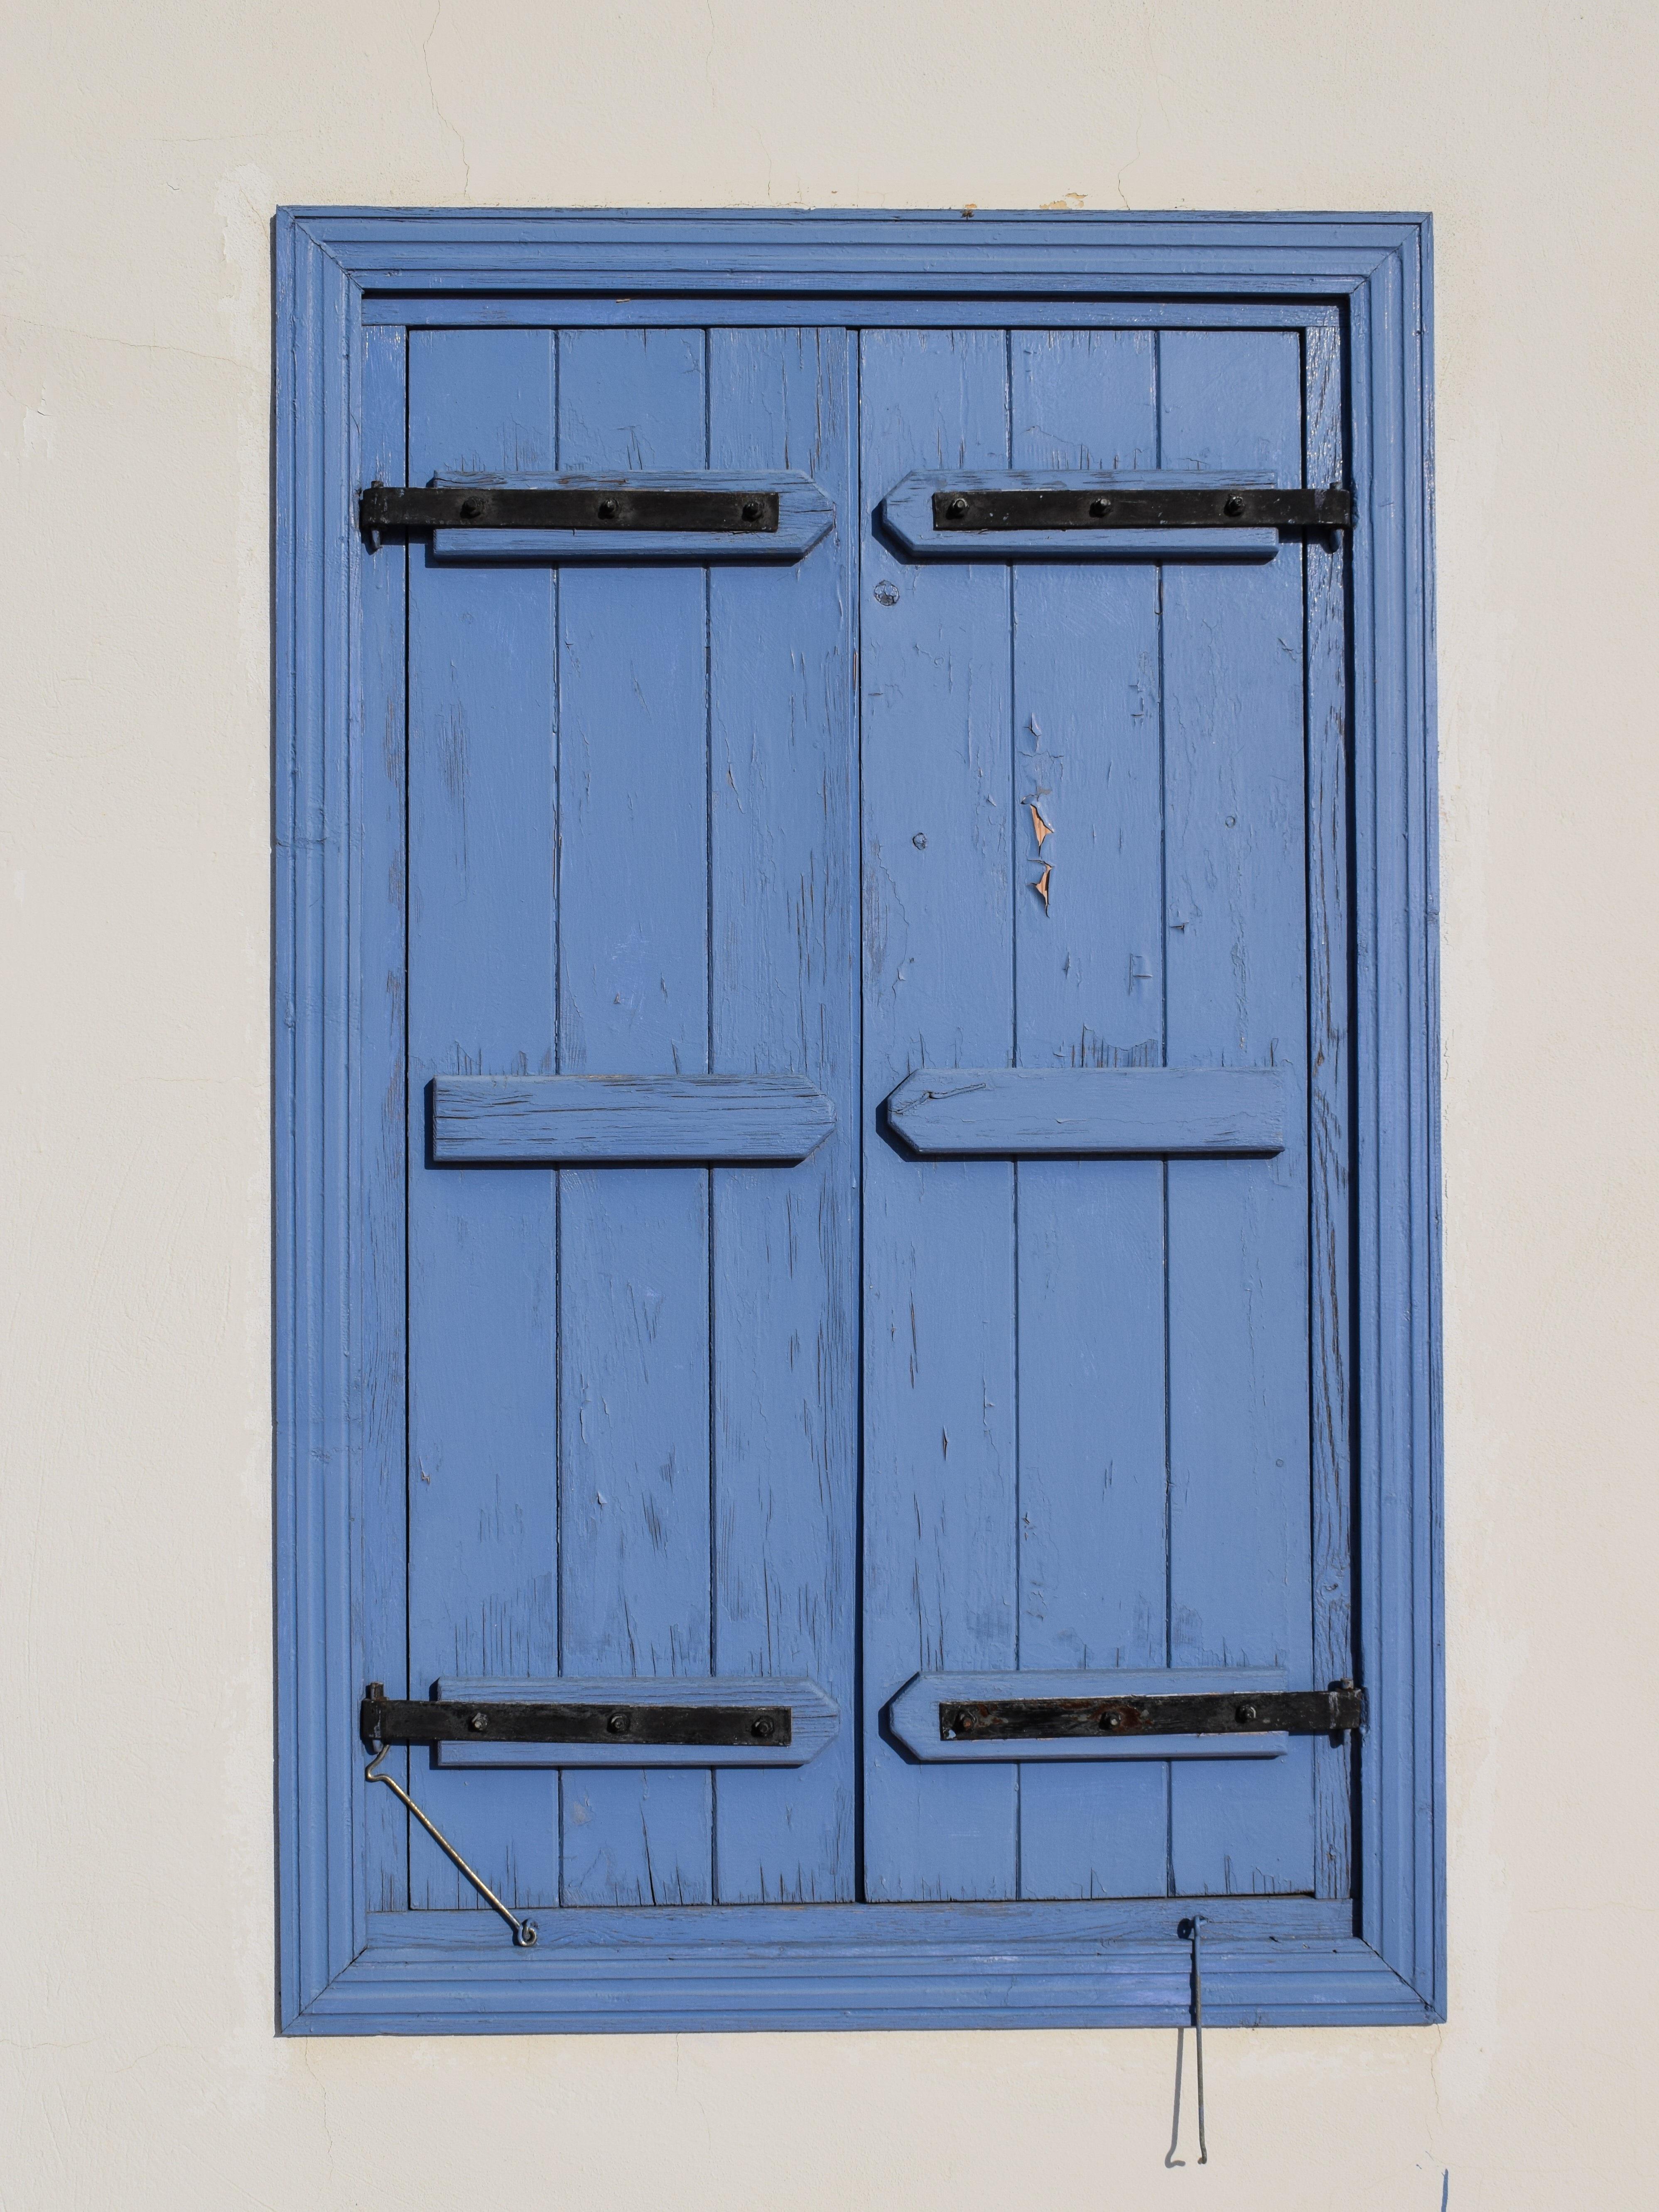 Images gratuites architecture fen tre verre vieux for Porte fenetre in english